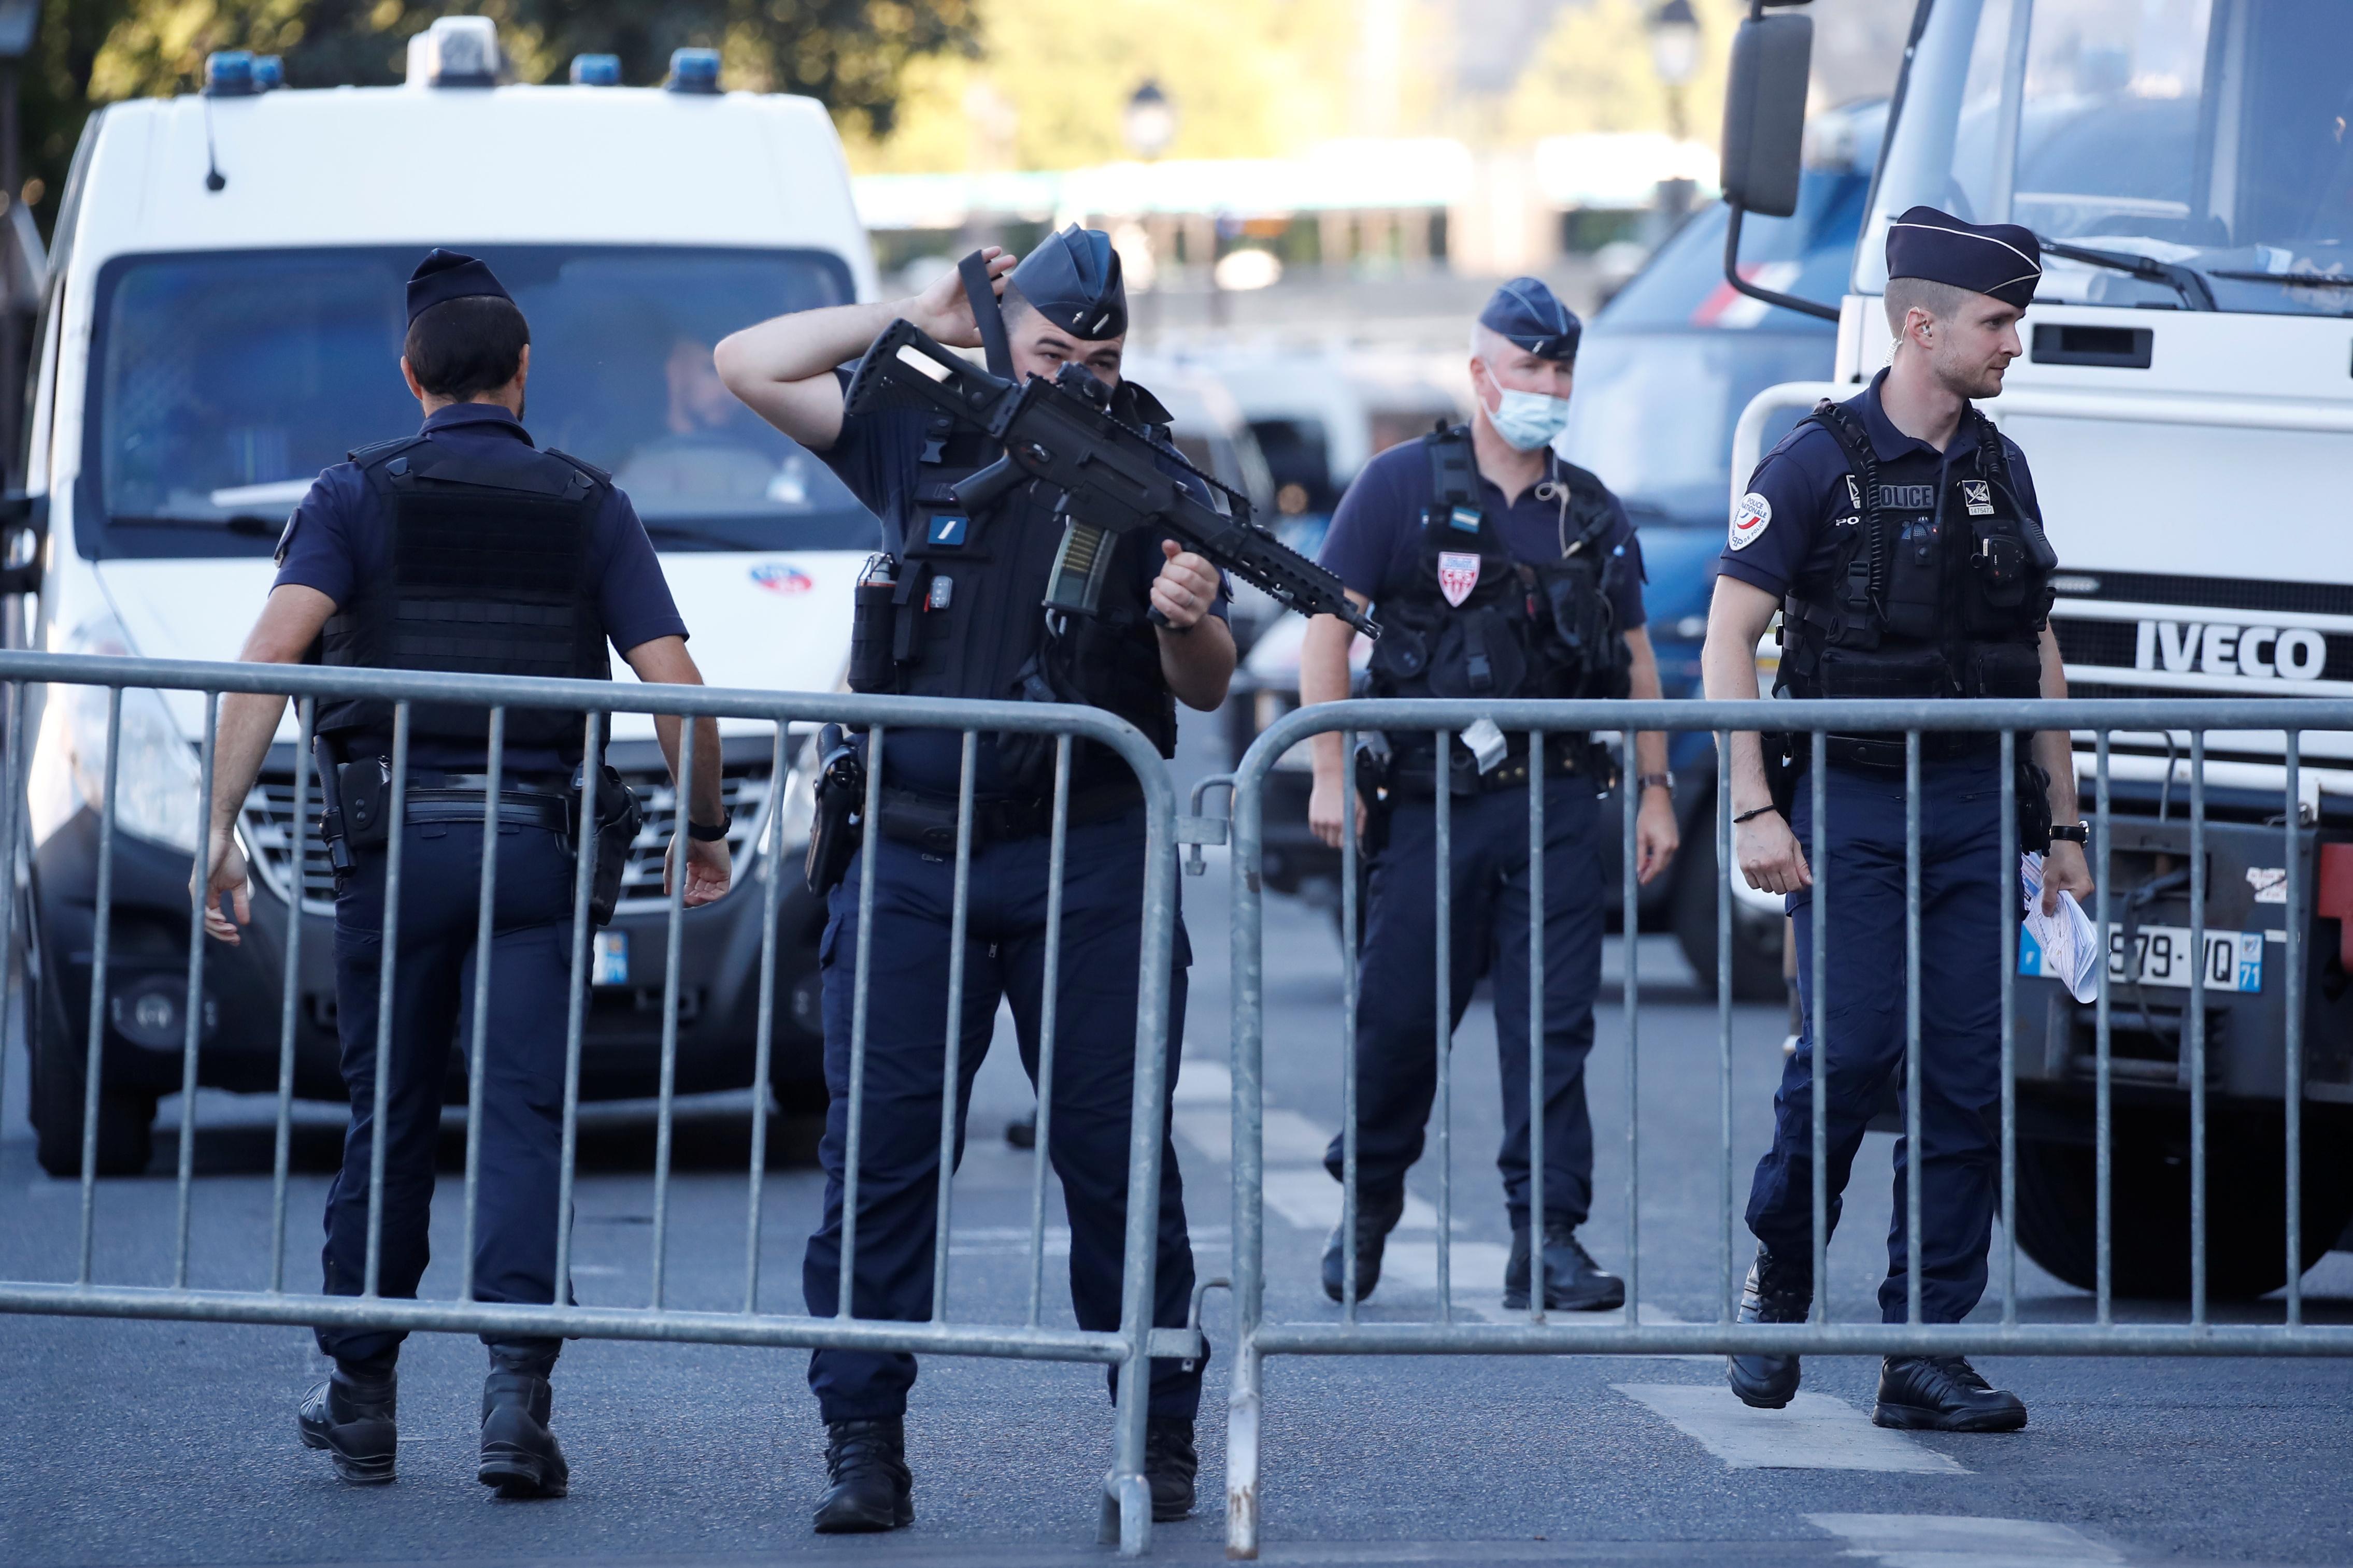 Franske politistyrker sikrer seg nær tinghuset i Paris på Ile de la Cite France før rettssaken mot Paris -angrepene i november 2015 startet i Paris, Frankrike, 8. september 2021. REUTERS/Christian Hartmann